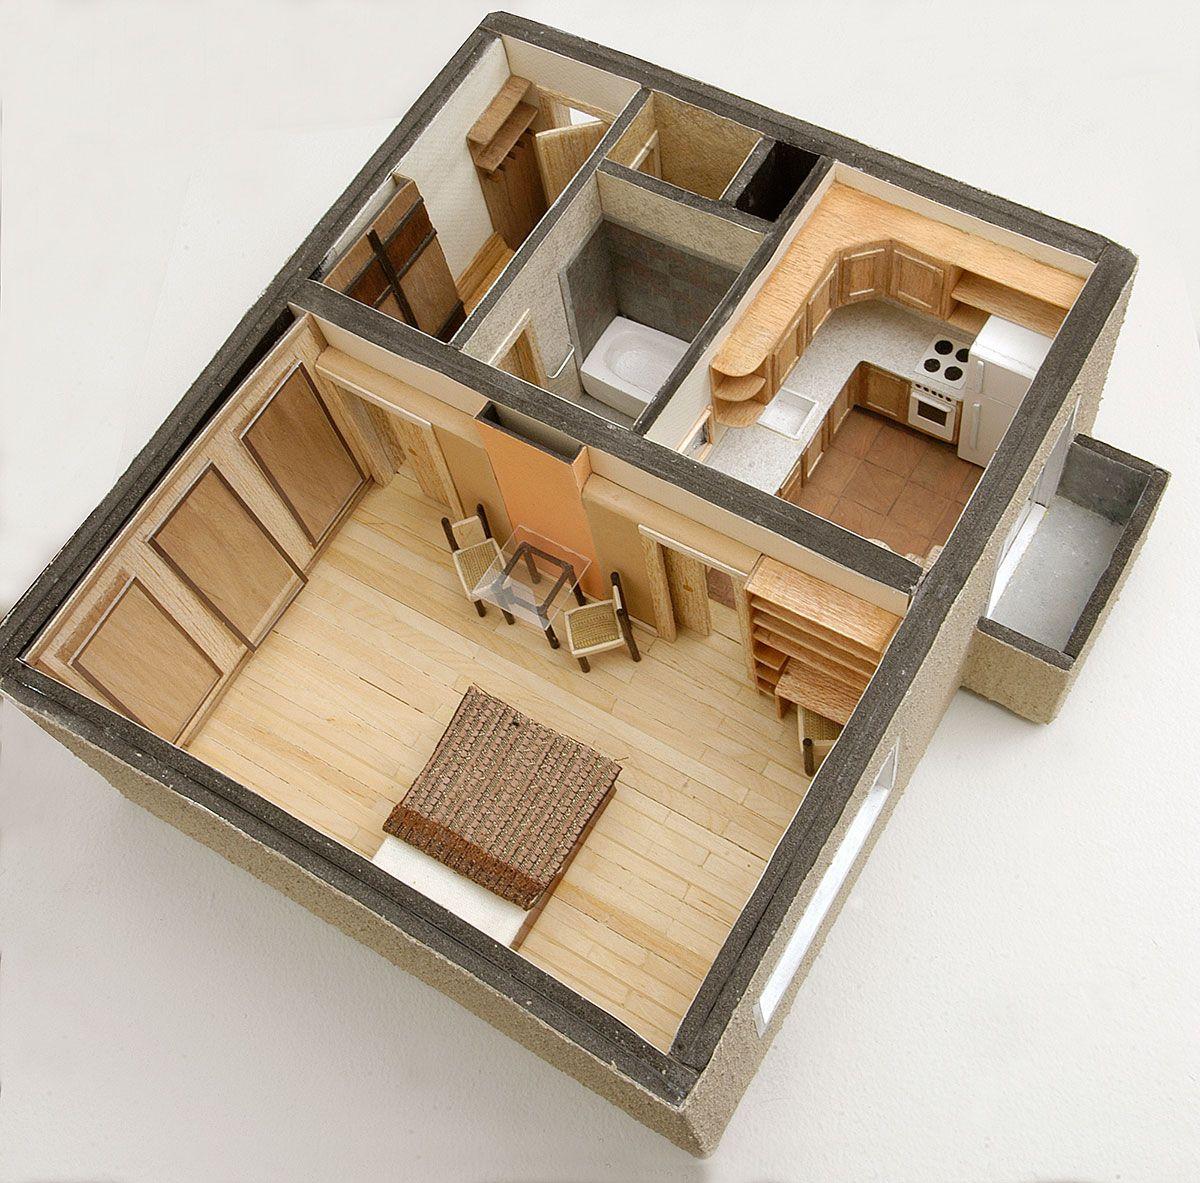 RMCAD Interior Design